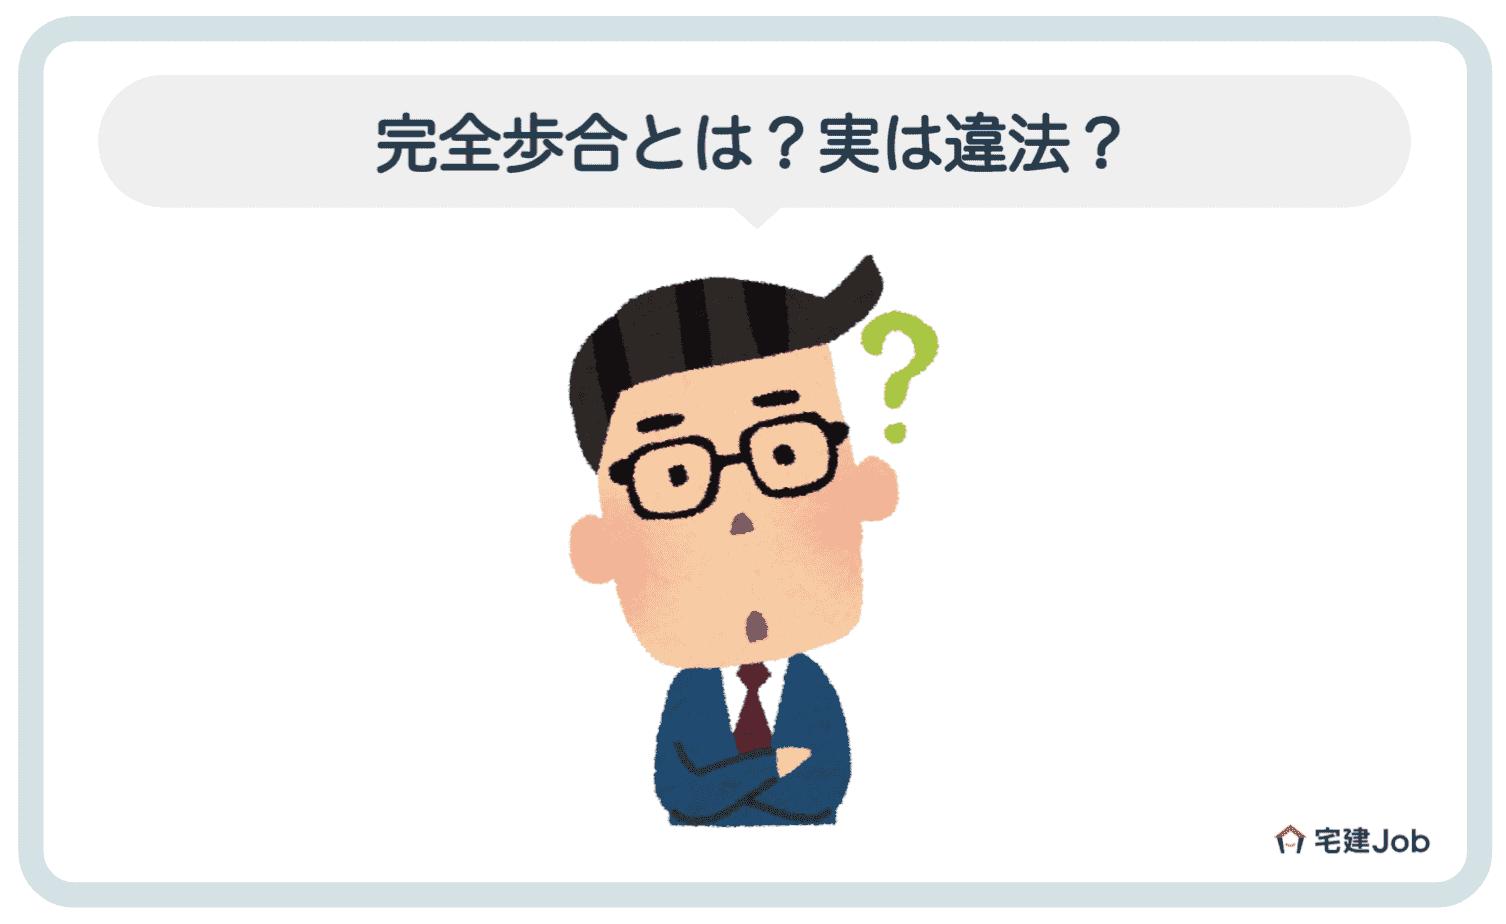 1.完全歩合制とは?【実は違法!?】